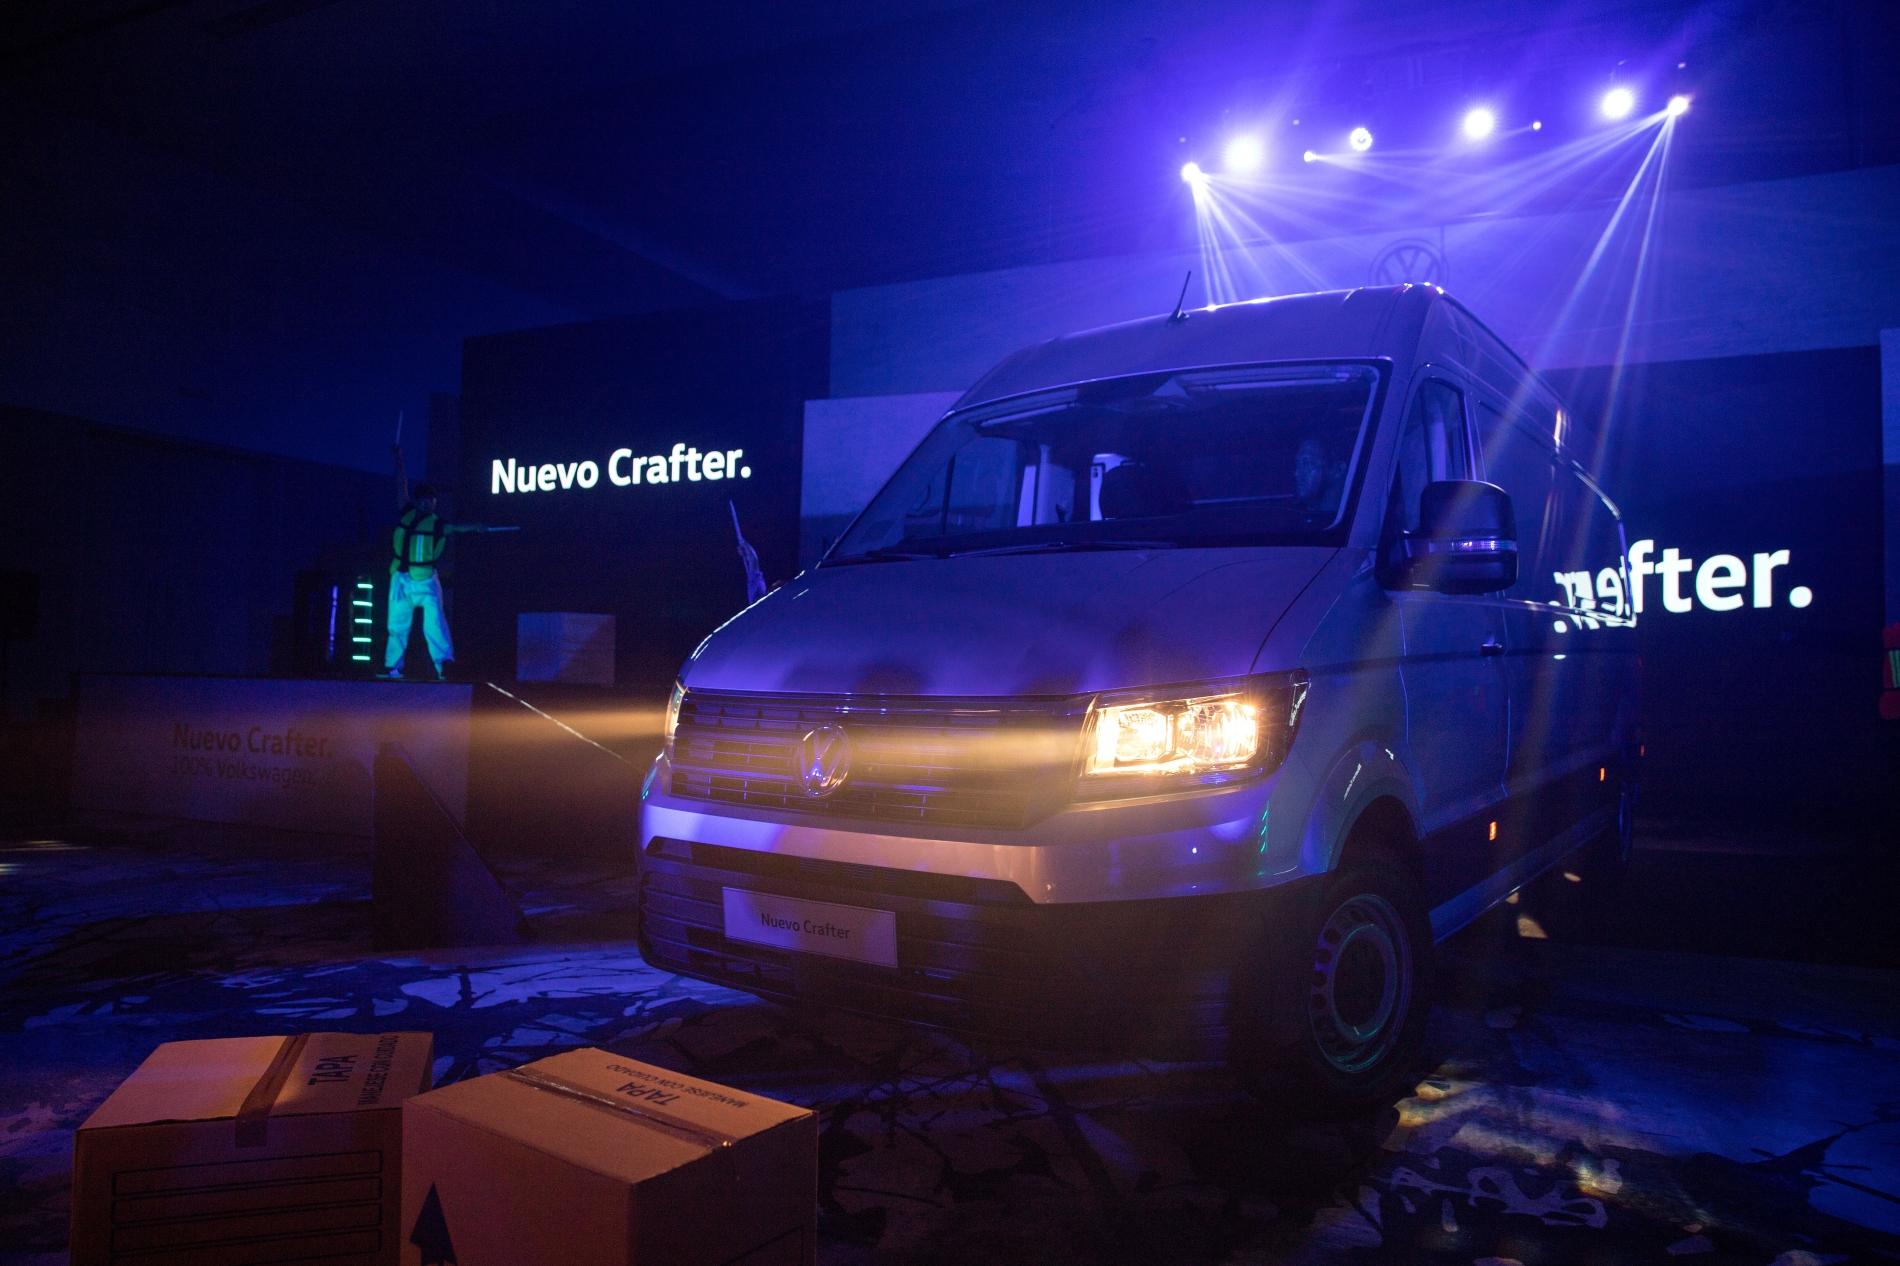 Nuevo Crafter: ejemplo de versatilidad en vehículos comerciales